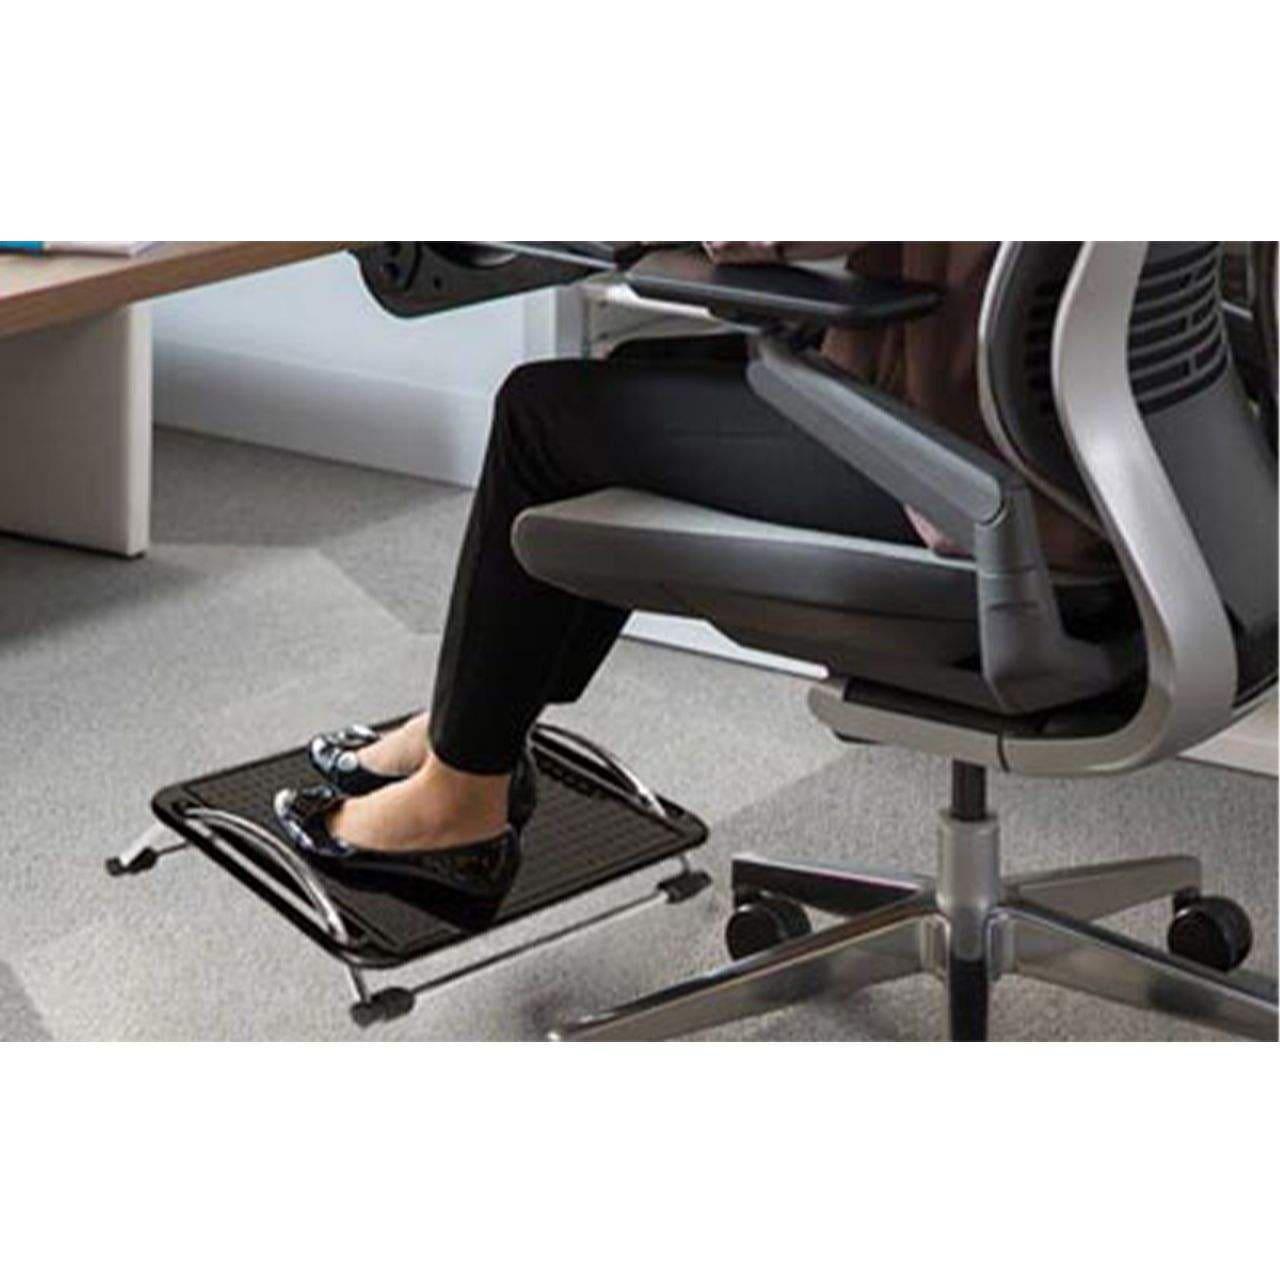 زیرپایی نگاتیو مدل B112 یکی از محصولاتی است که به نحوه صحیح نشستن کمک می کند است. این وسیله در شکل های گوناگون به صورت چوبی، فلزی و پلاستیکی عرضه می شوند.